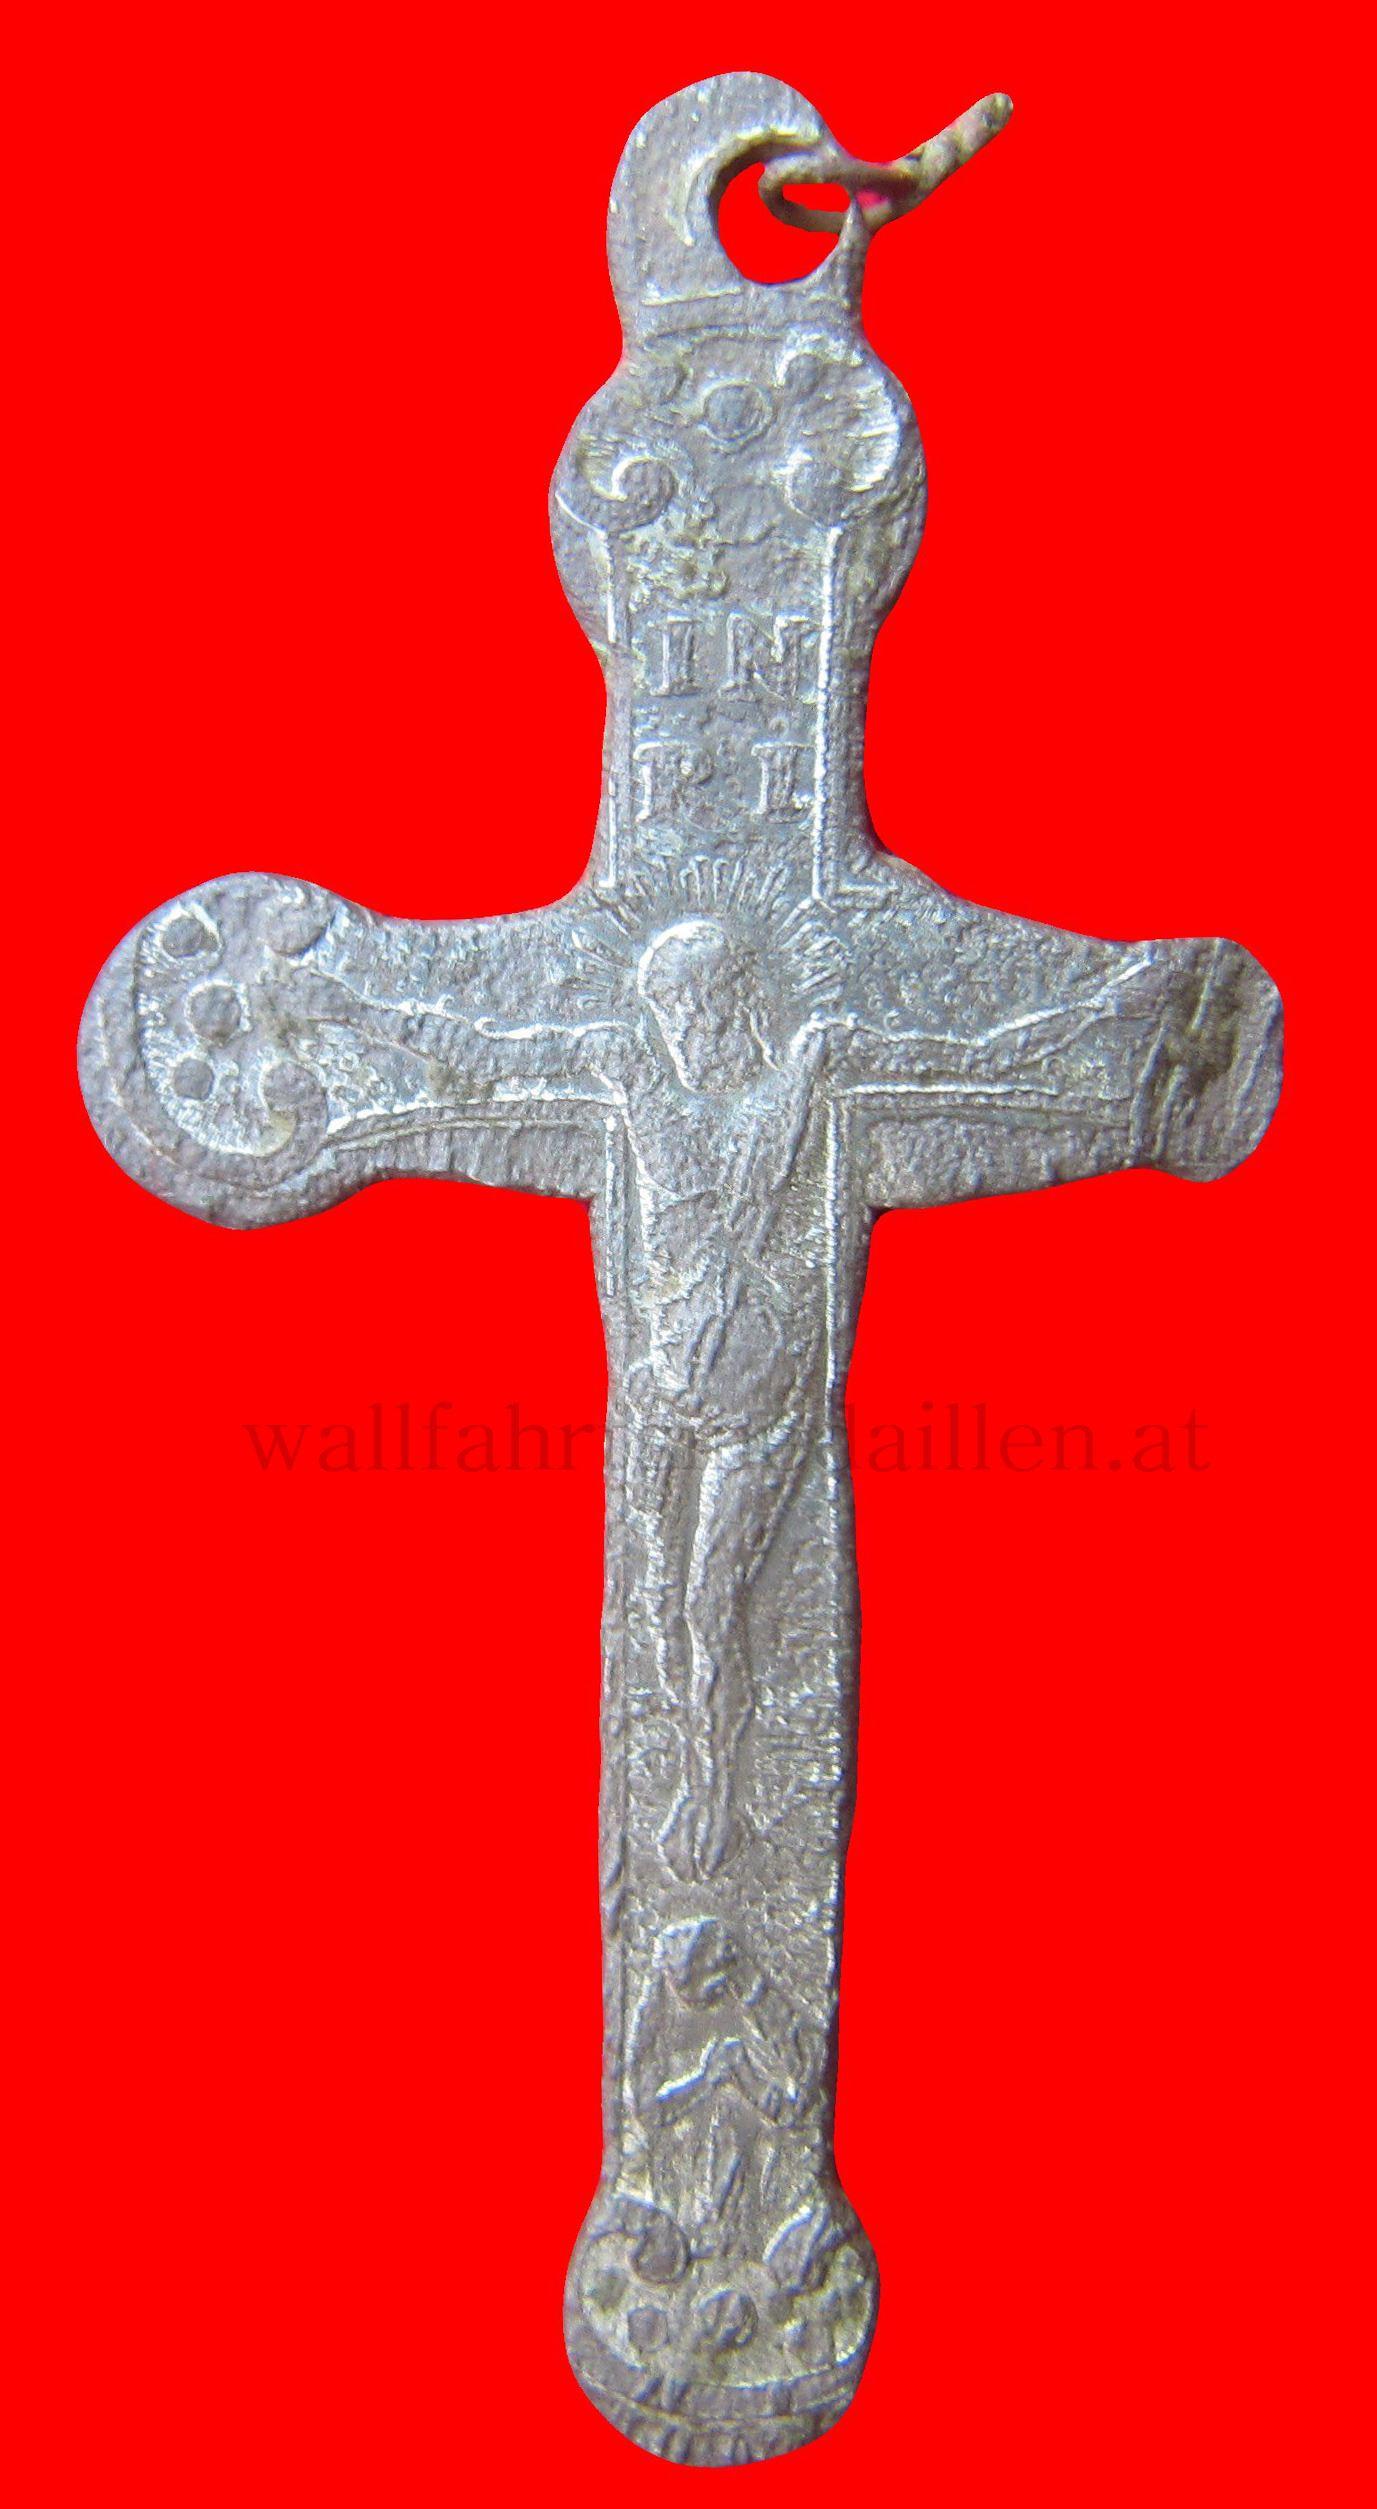 Der Gekreuzigte Christus